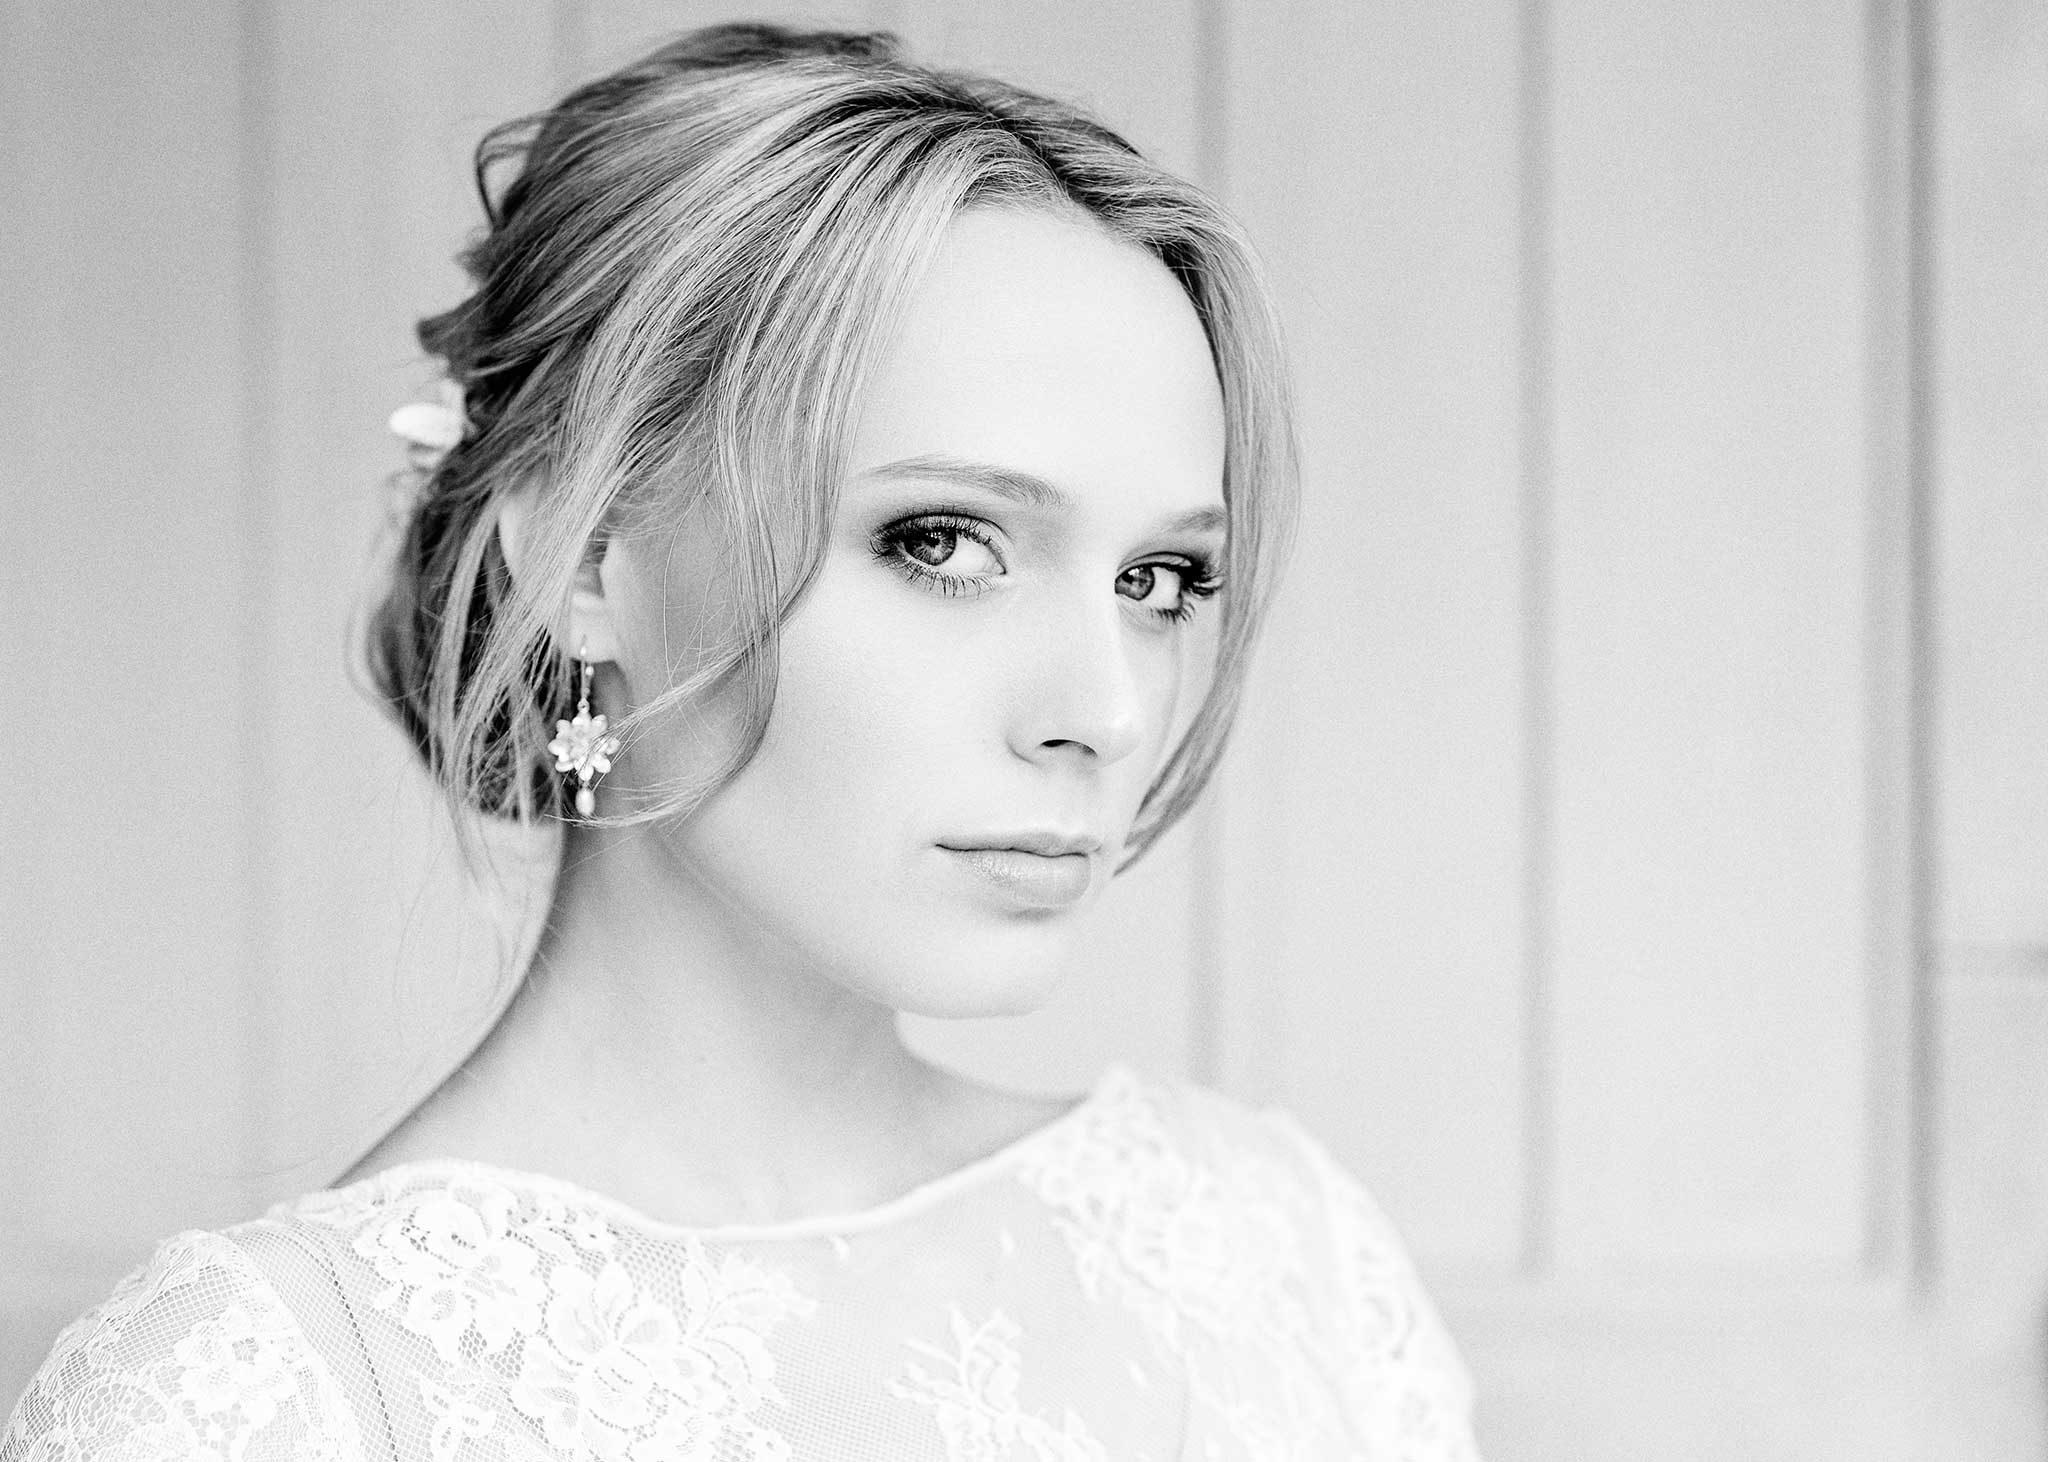 Portrait einer jungen, sehr eleganten Frau. Blick in die Kamera, toller Haarschmuck, Top aus Spitze, Brautstyle, stylisch, schwarz-weiss, bnw, Portraits, Portraitfotograf Ernst Merkhofer